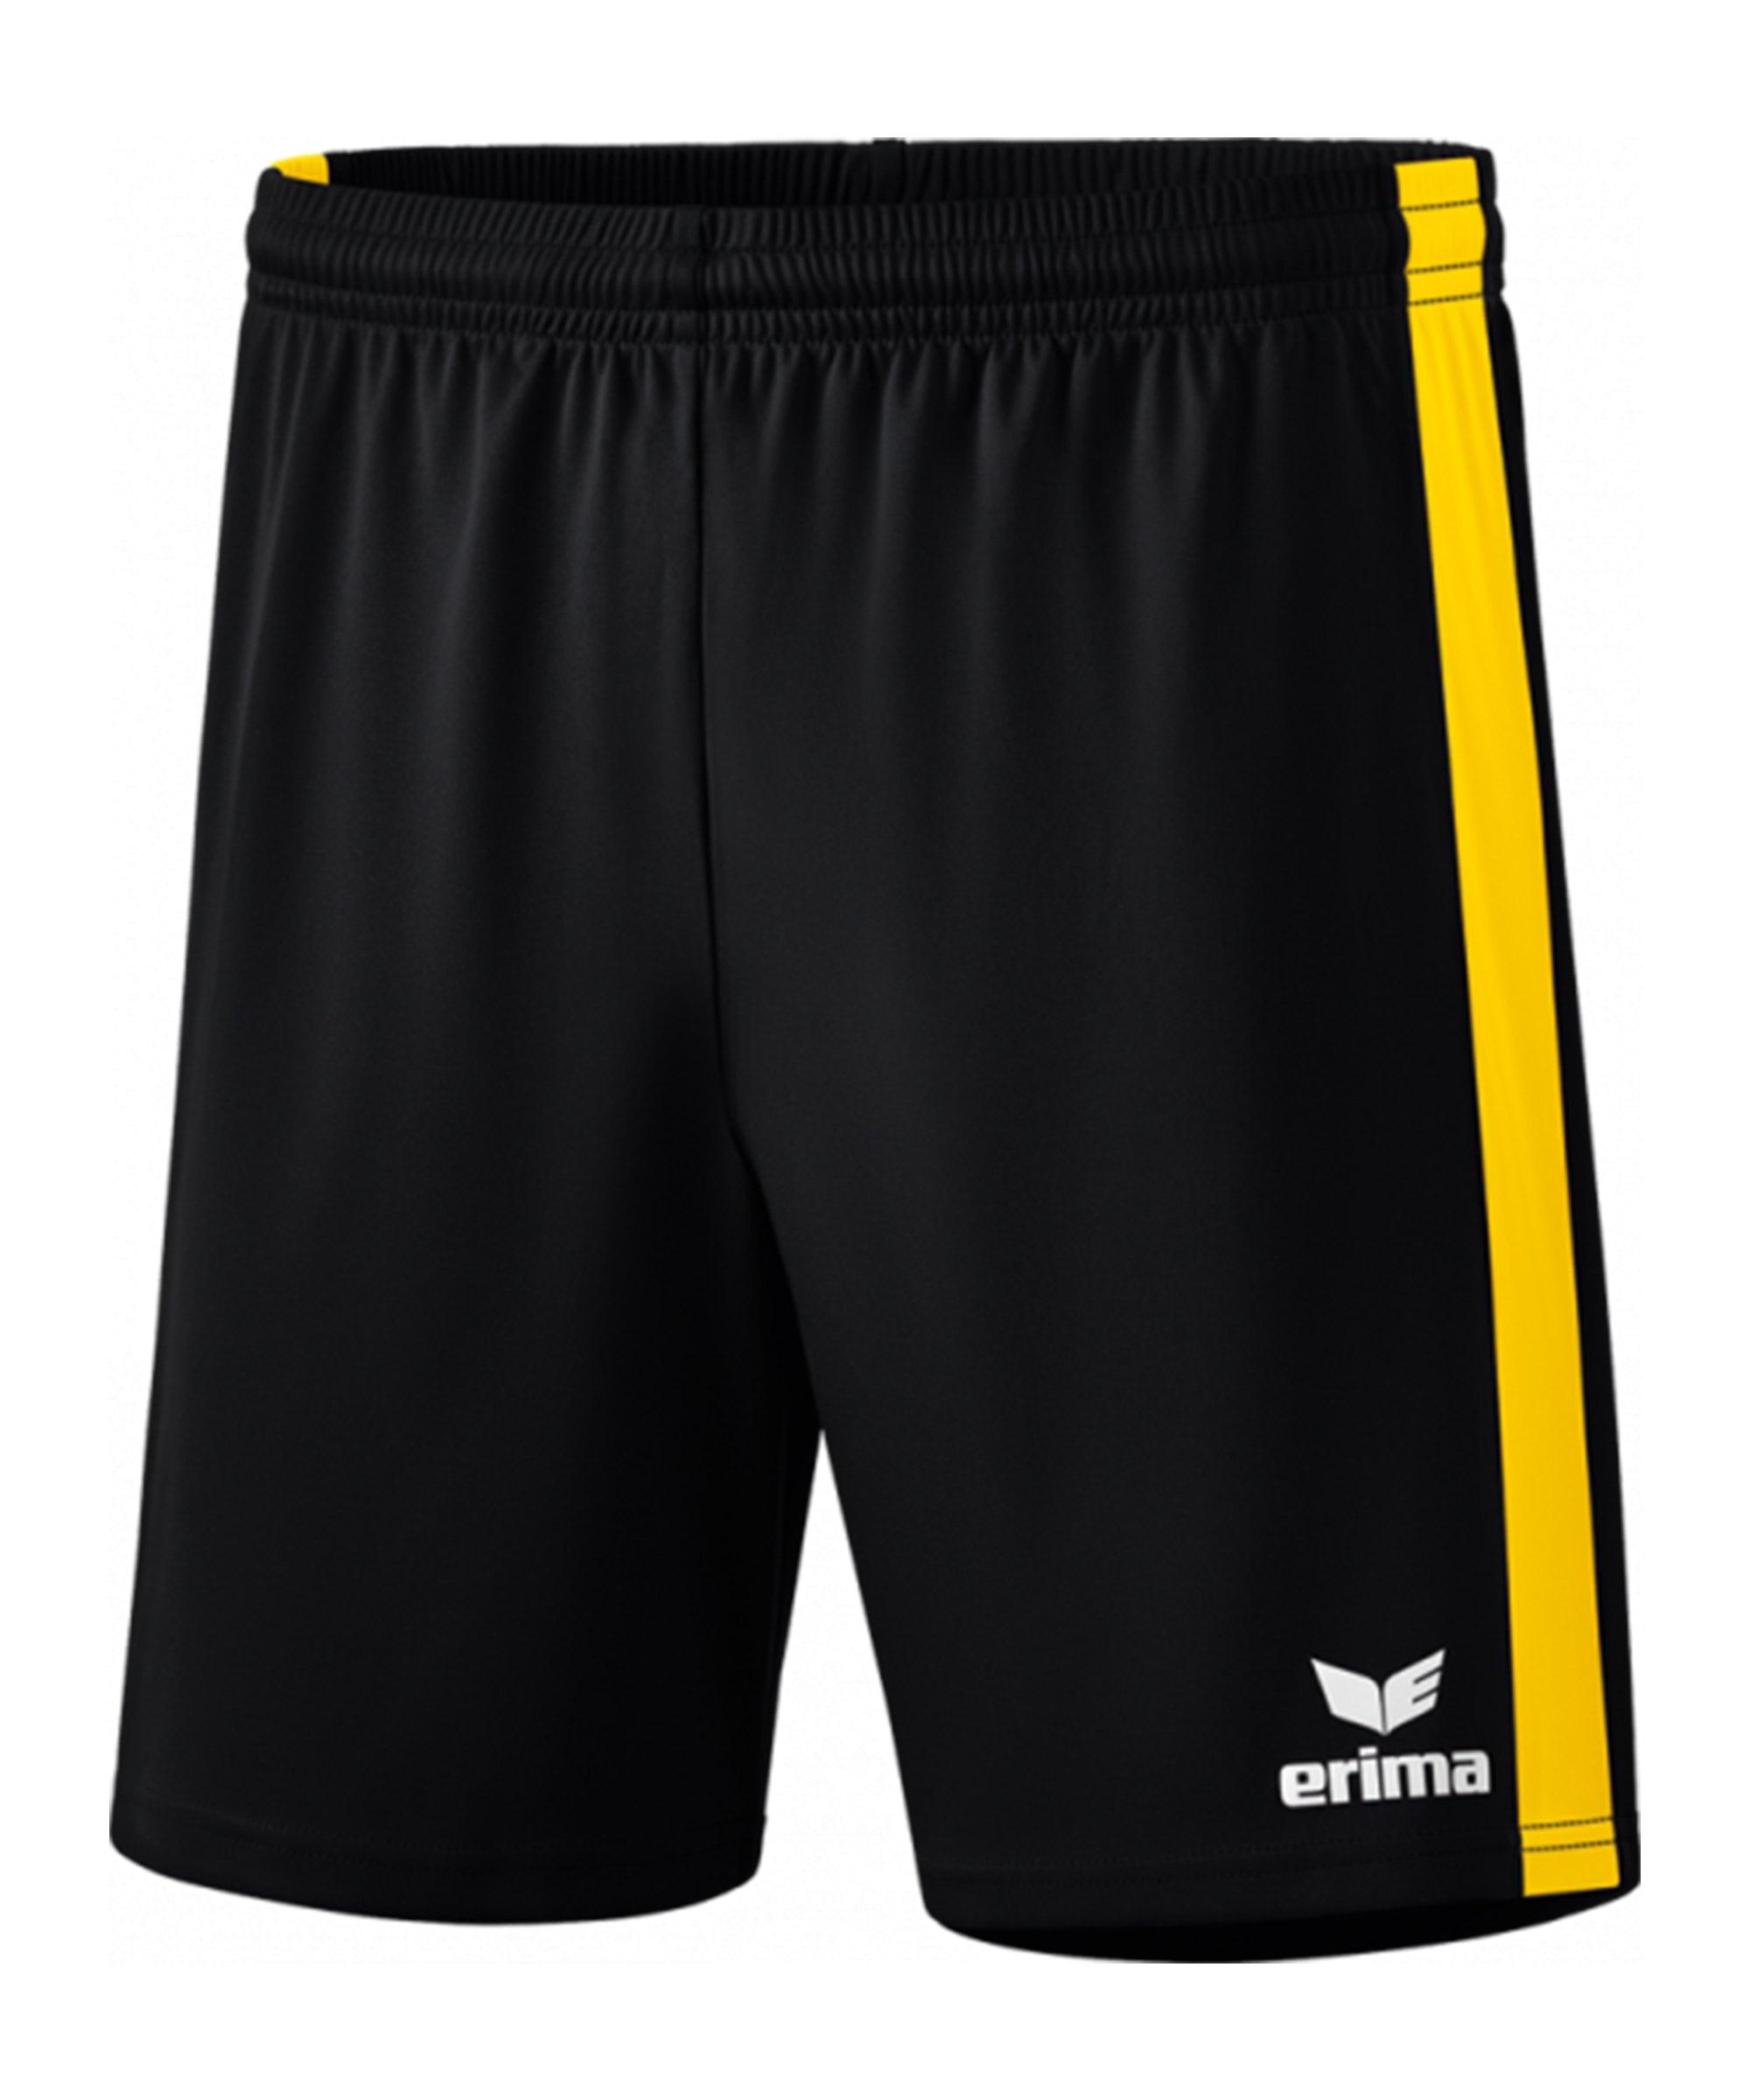 Erima Retro Star Short Schwarz Gelb - schwarz